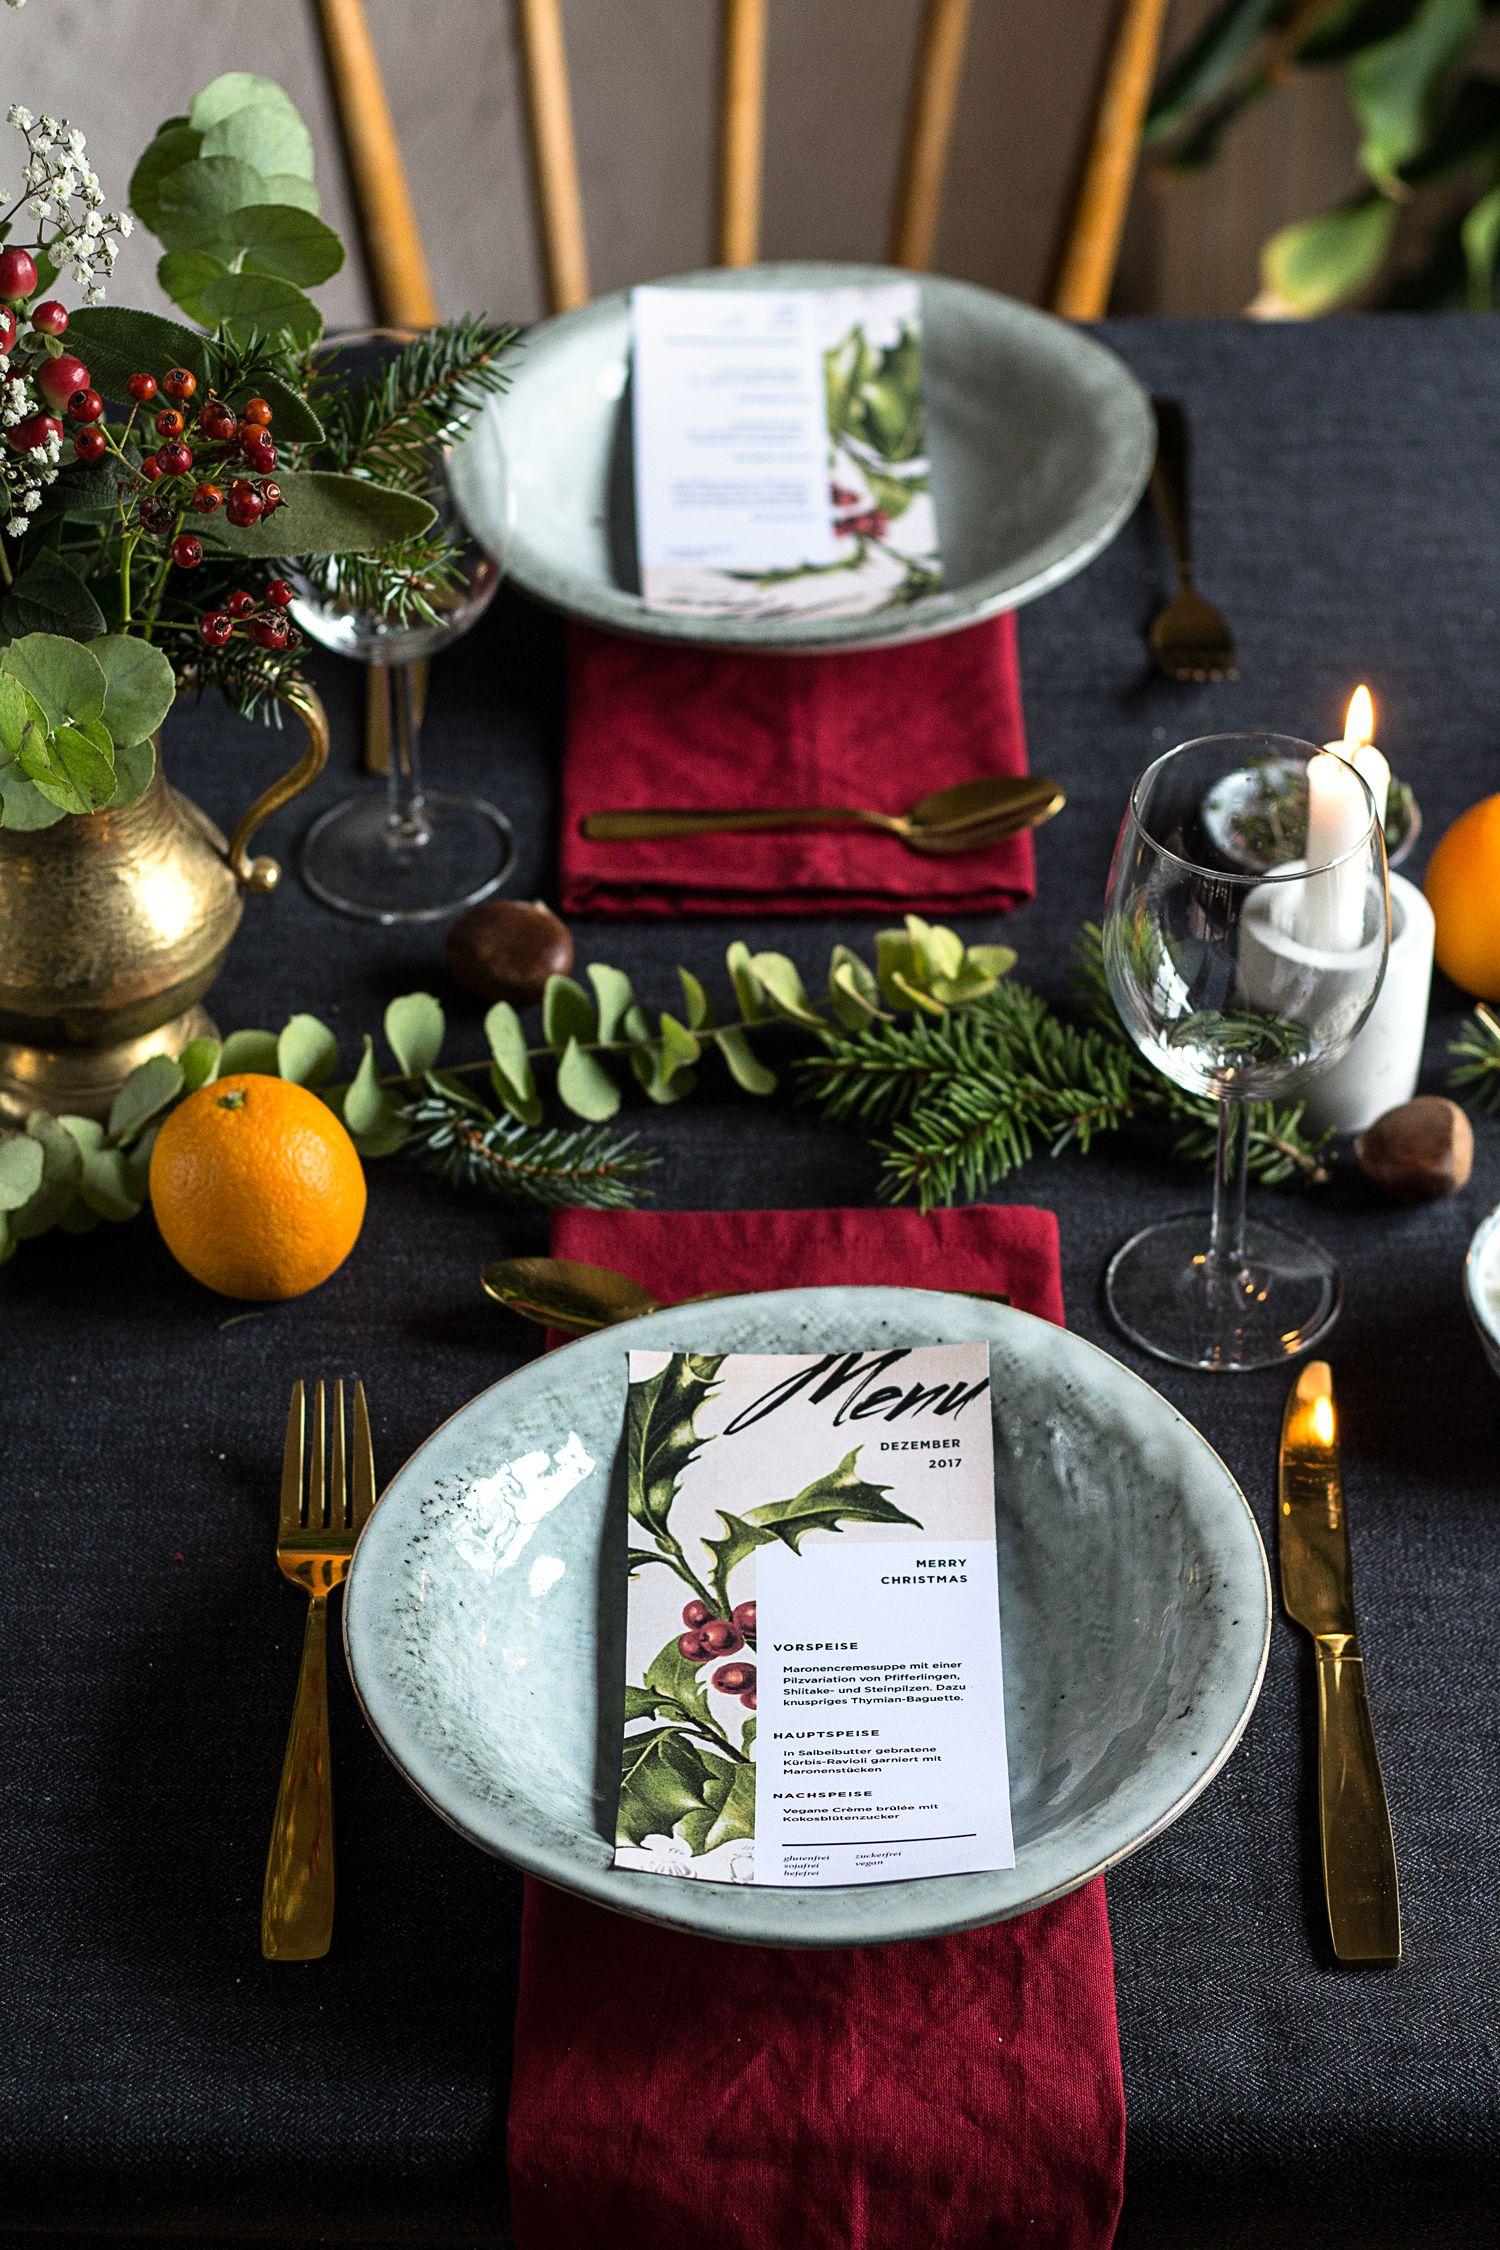 Veganes Weihnachtsmenü.Glutenfreie Kürbis Ravioli Ohne Eier Vegan